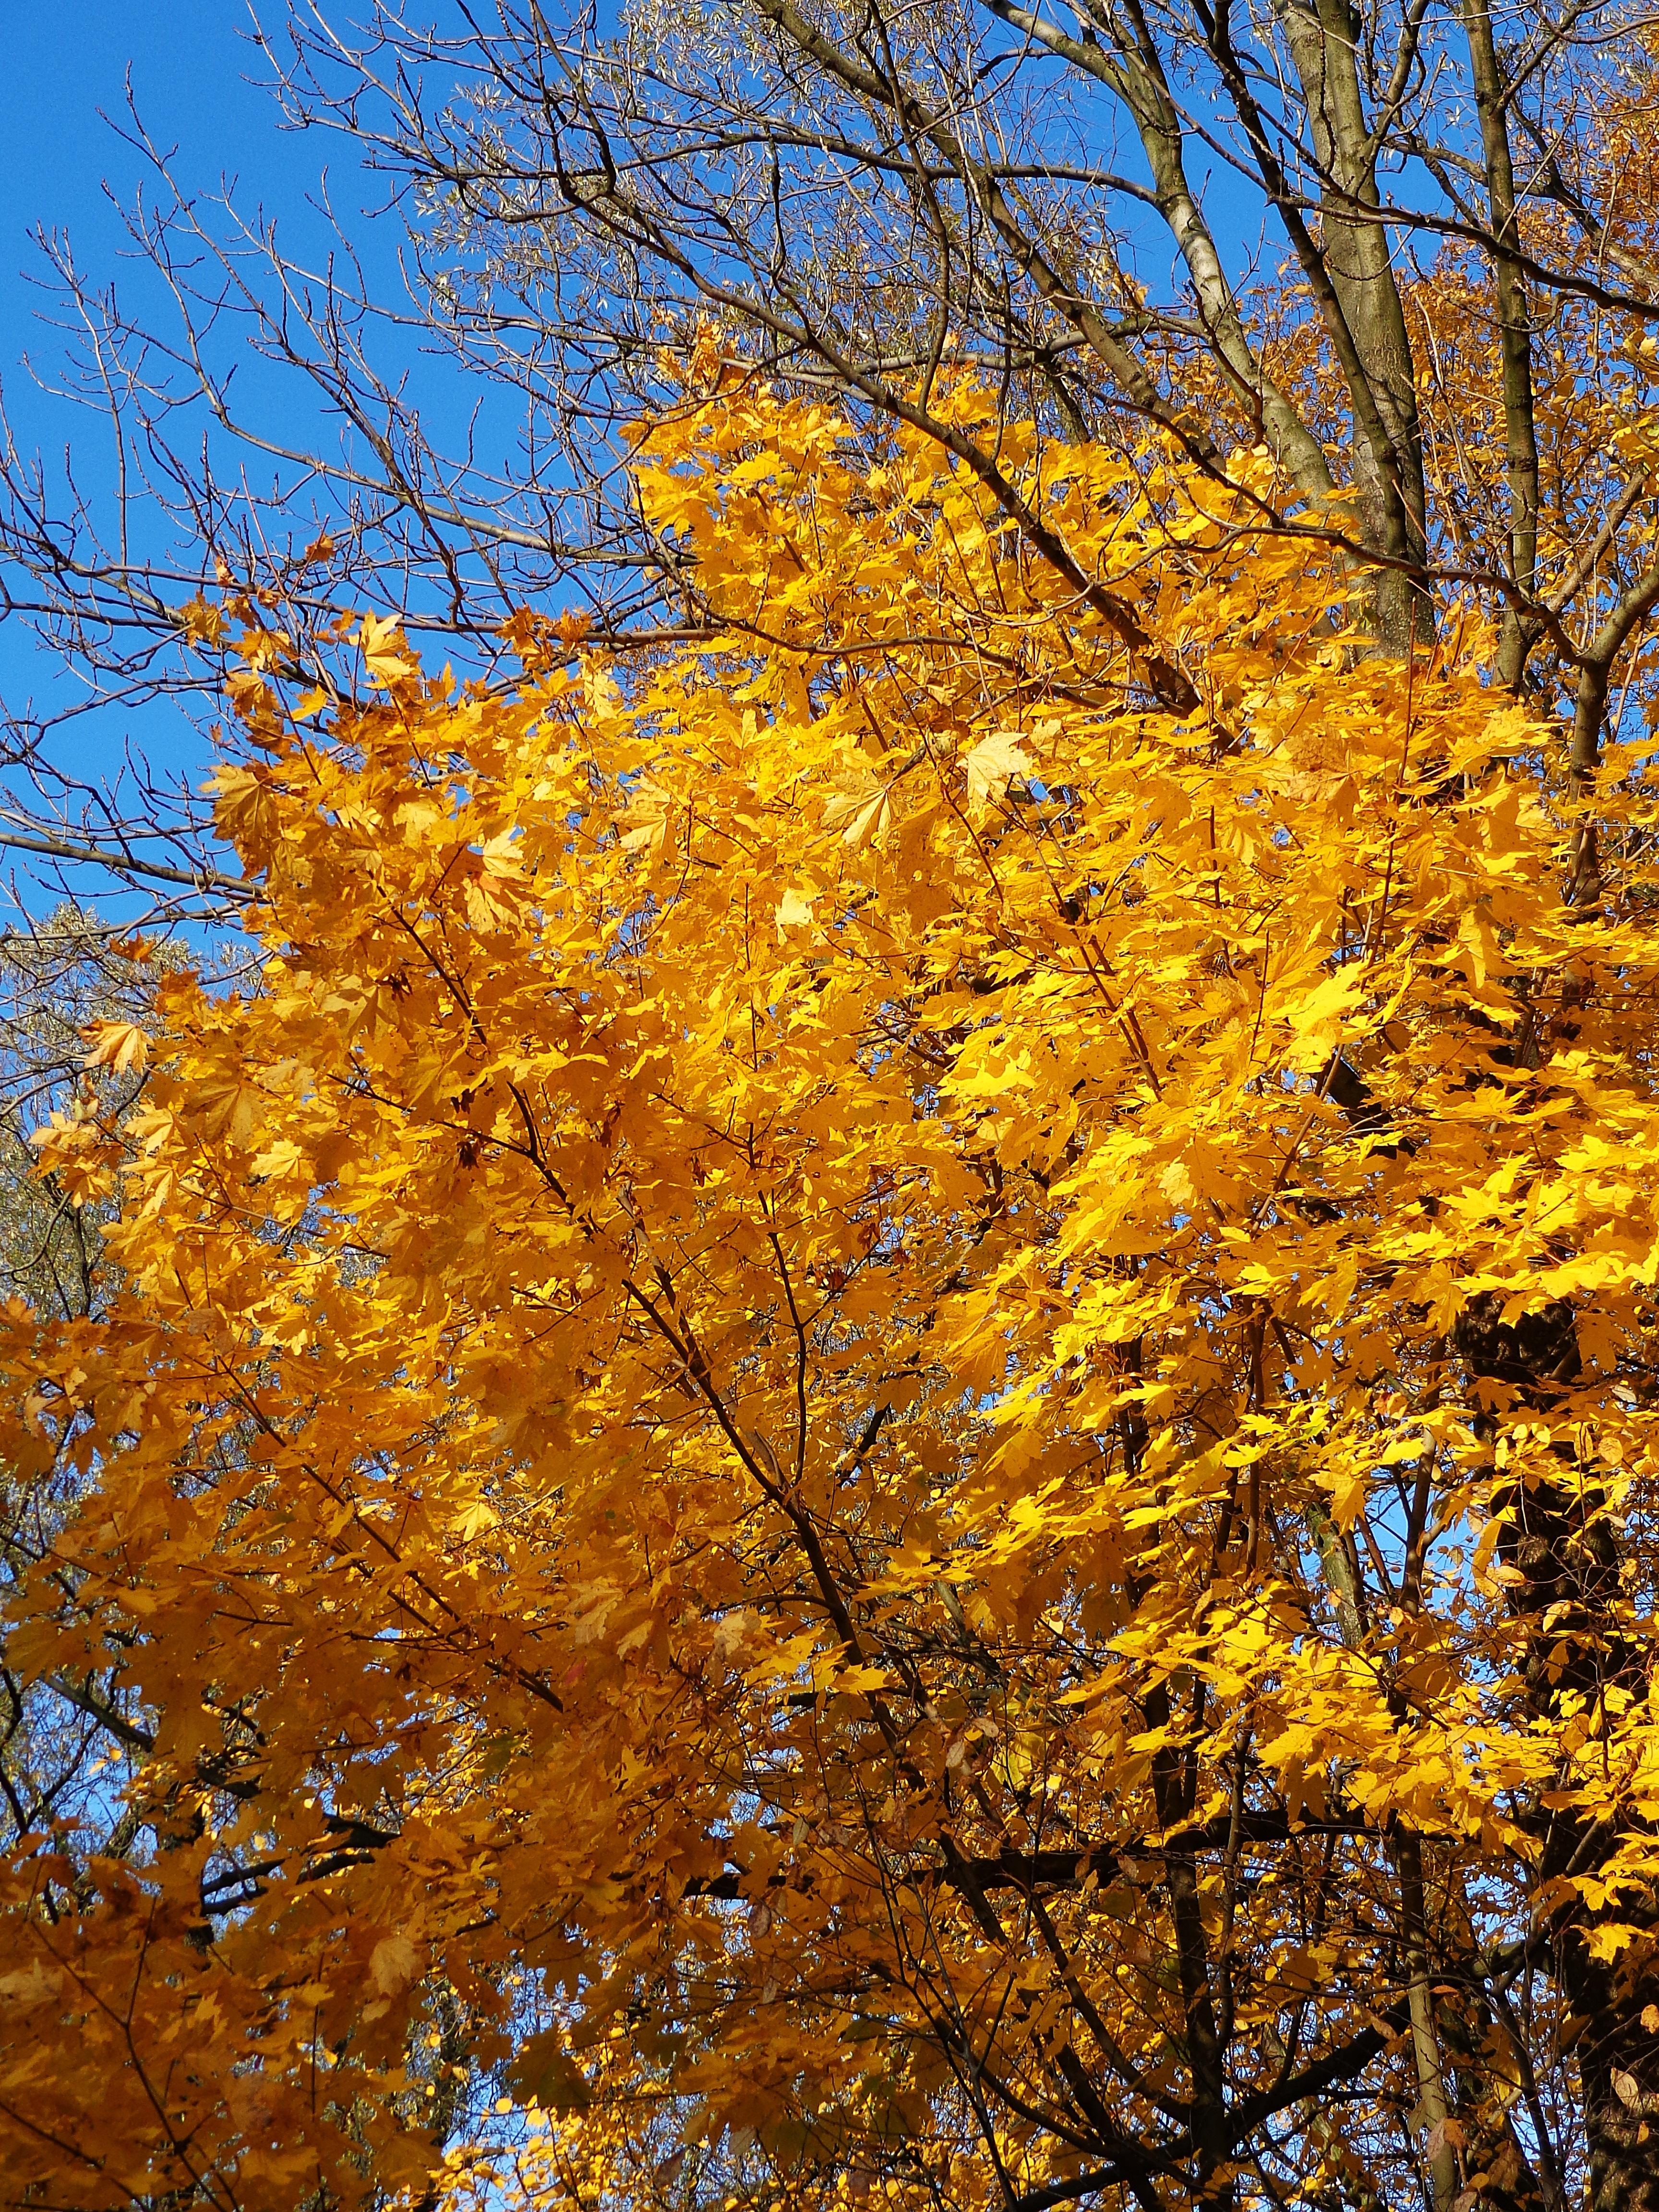 Free Images Landscape Nature Forest Branch Sunlight Leaf